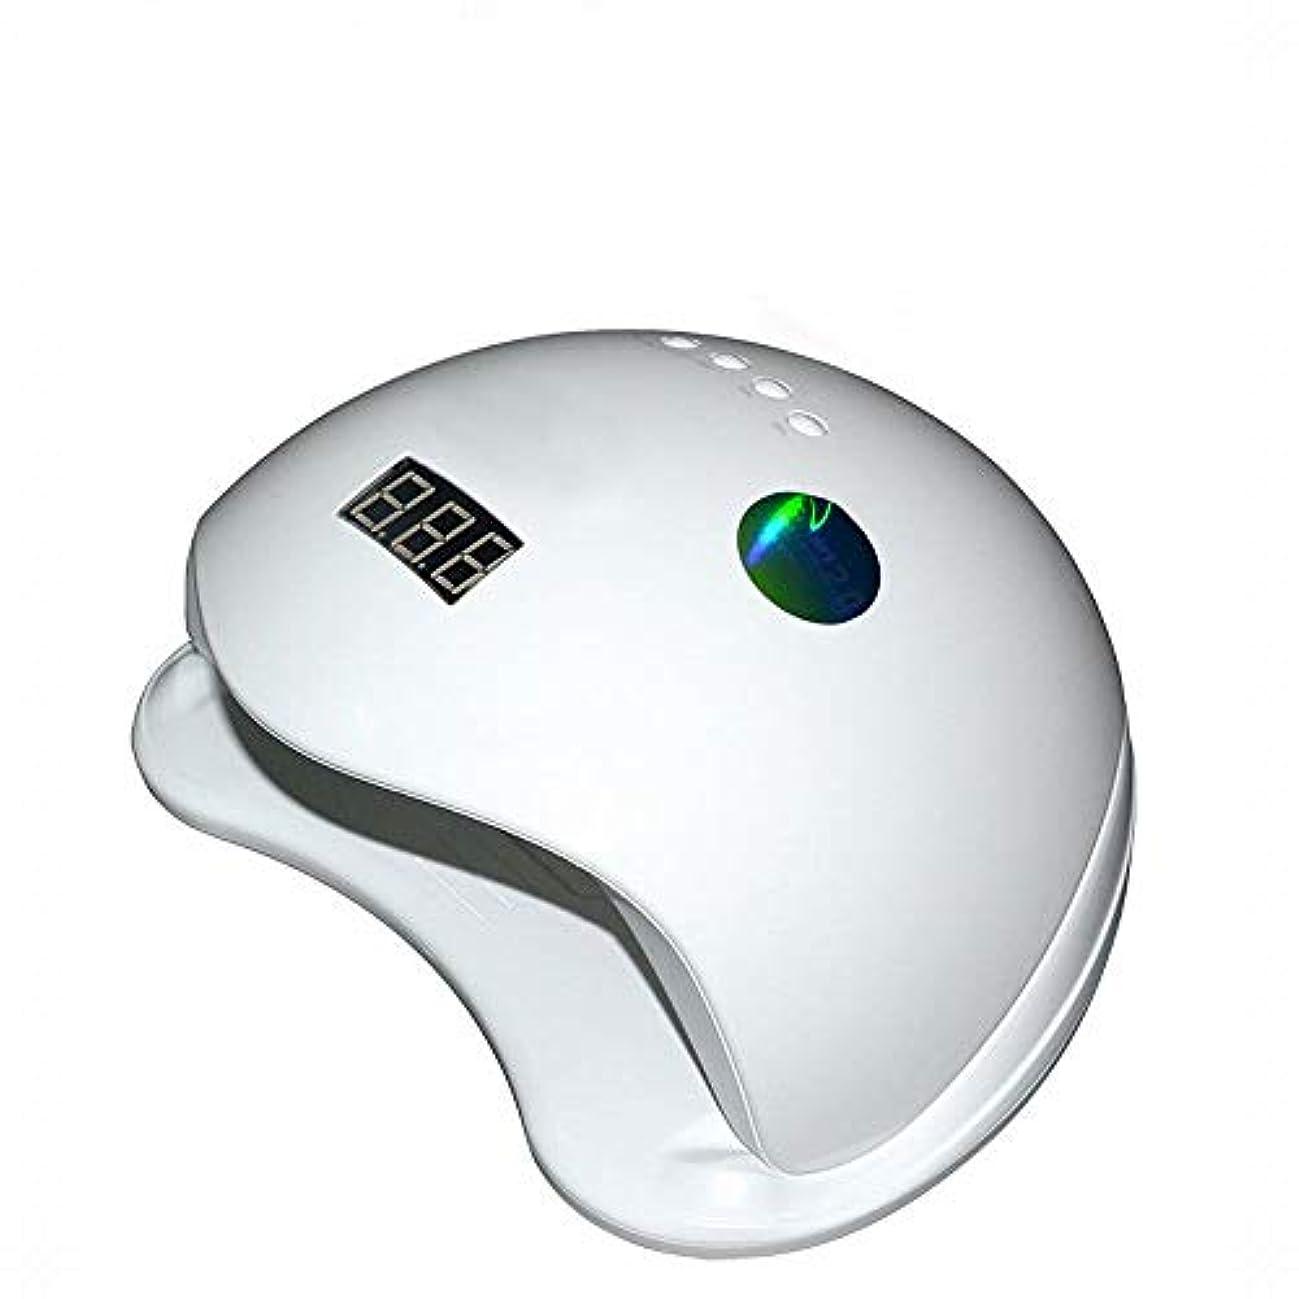 着飾る分岐する降雨YESONEEP ネイル光線療法ランプ48WネイルドライヤーLED UV硬化乾燥ネイルランプ (Size : 48W)